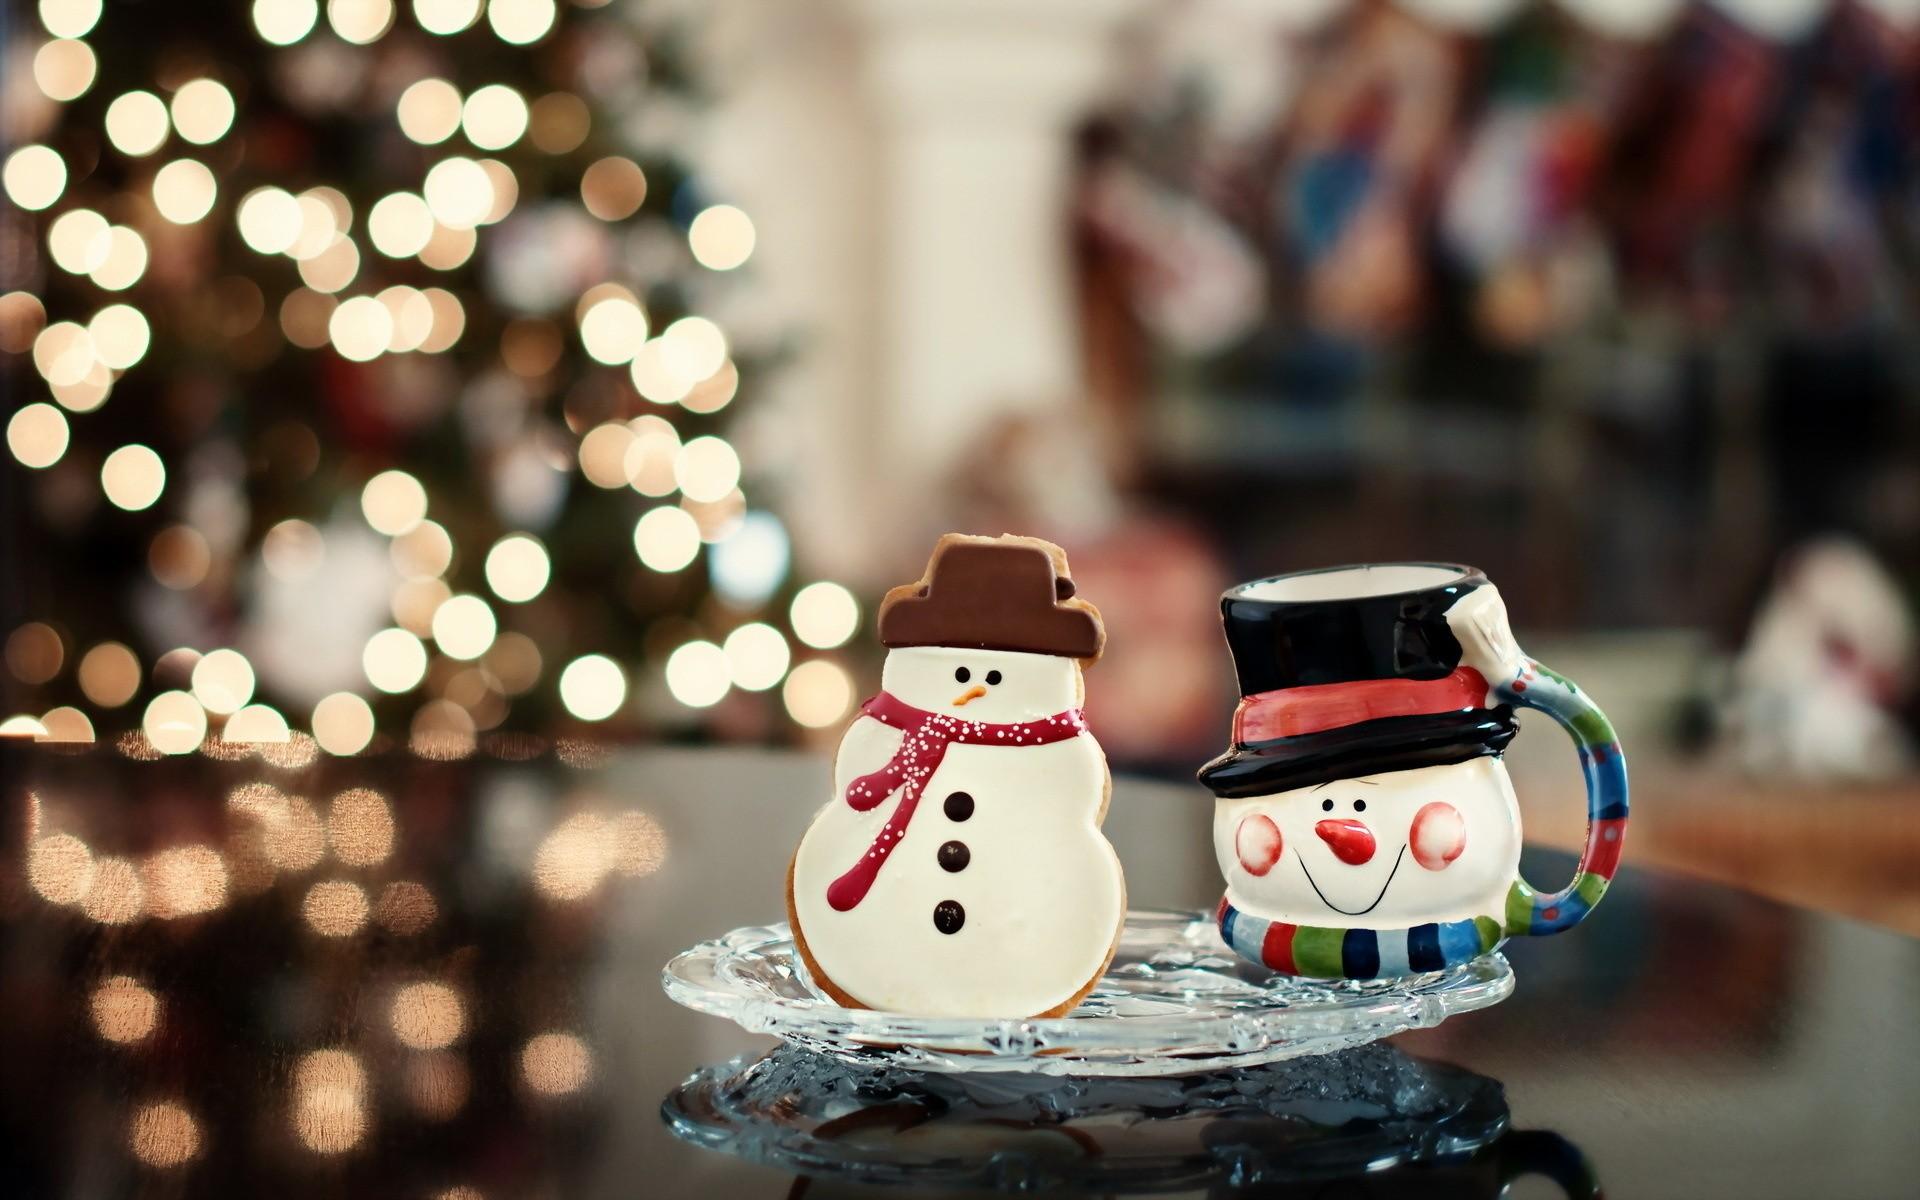 Fondos Navidad 2013 ADNFriki (13)